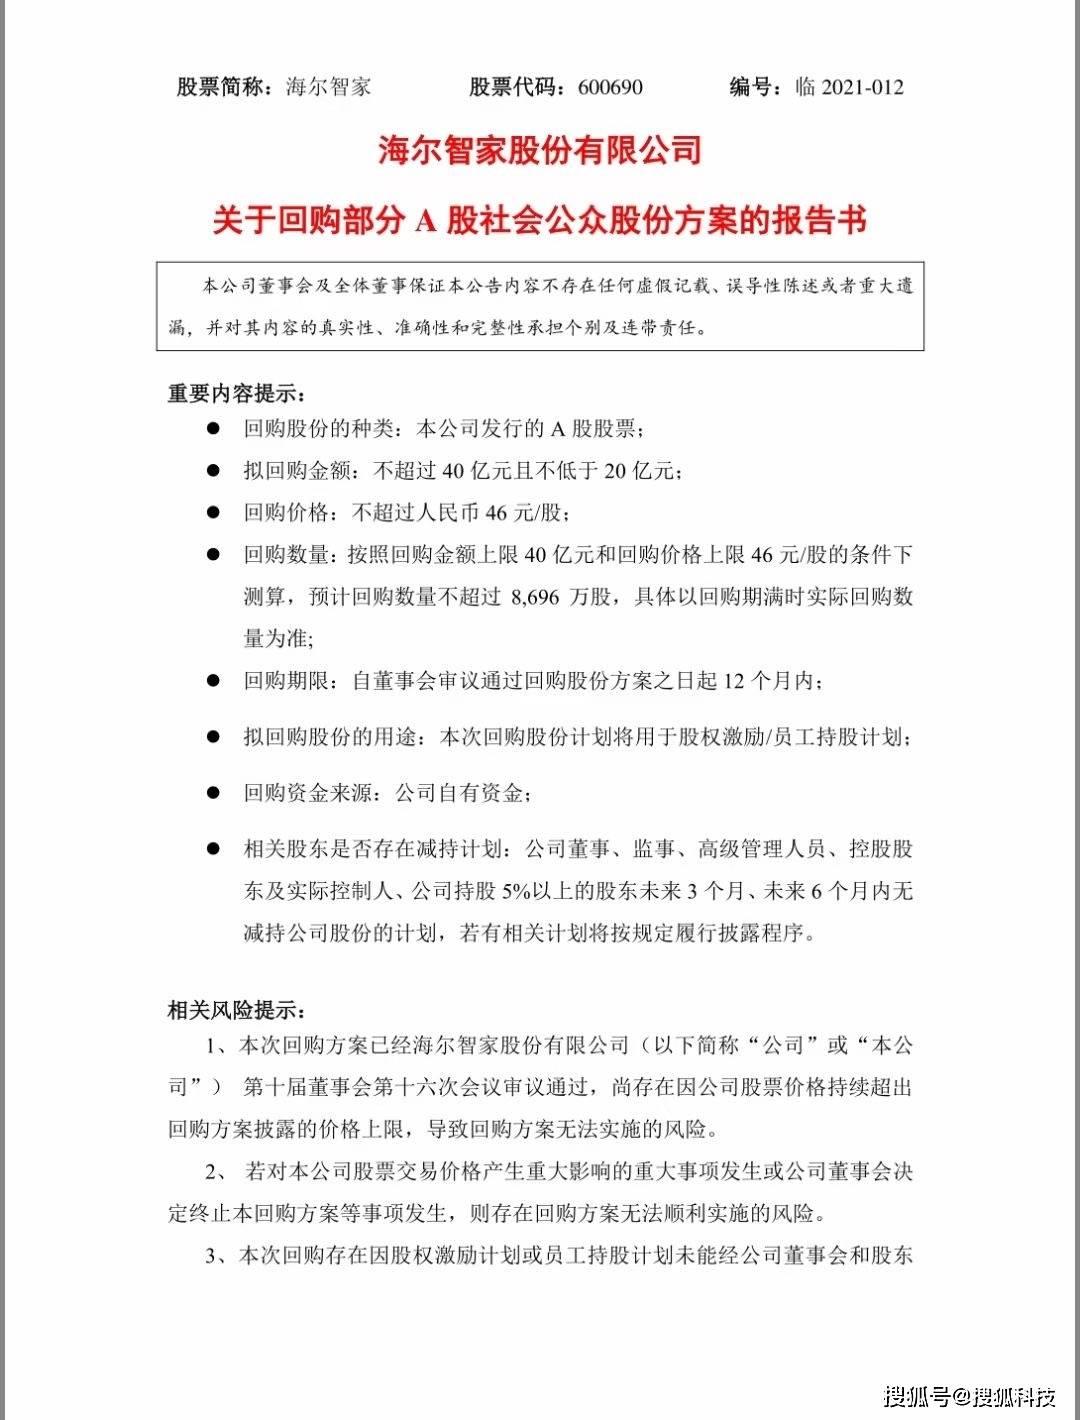 海尔志佳计划回购股份20亿至40亿元